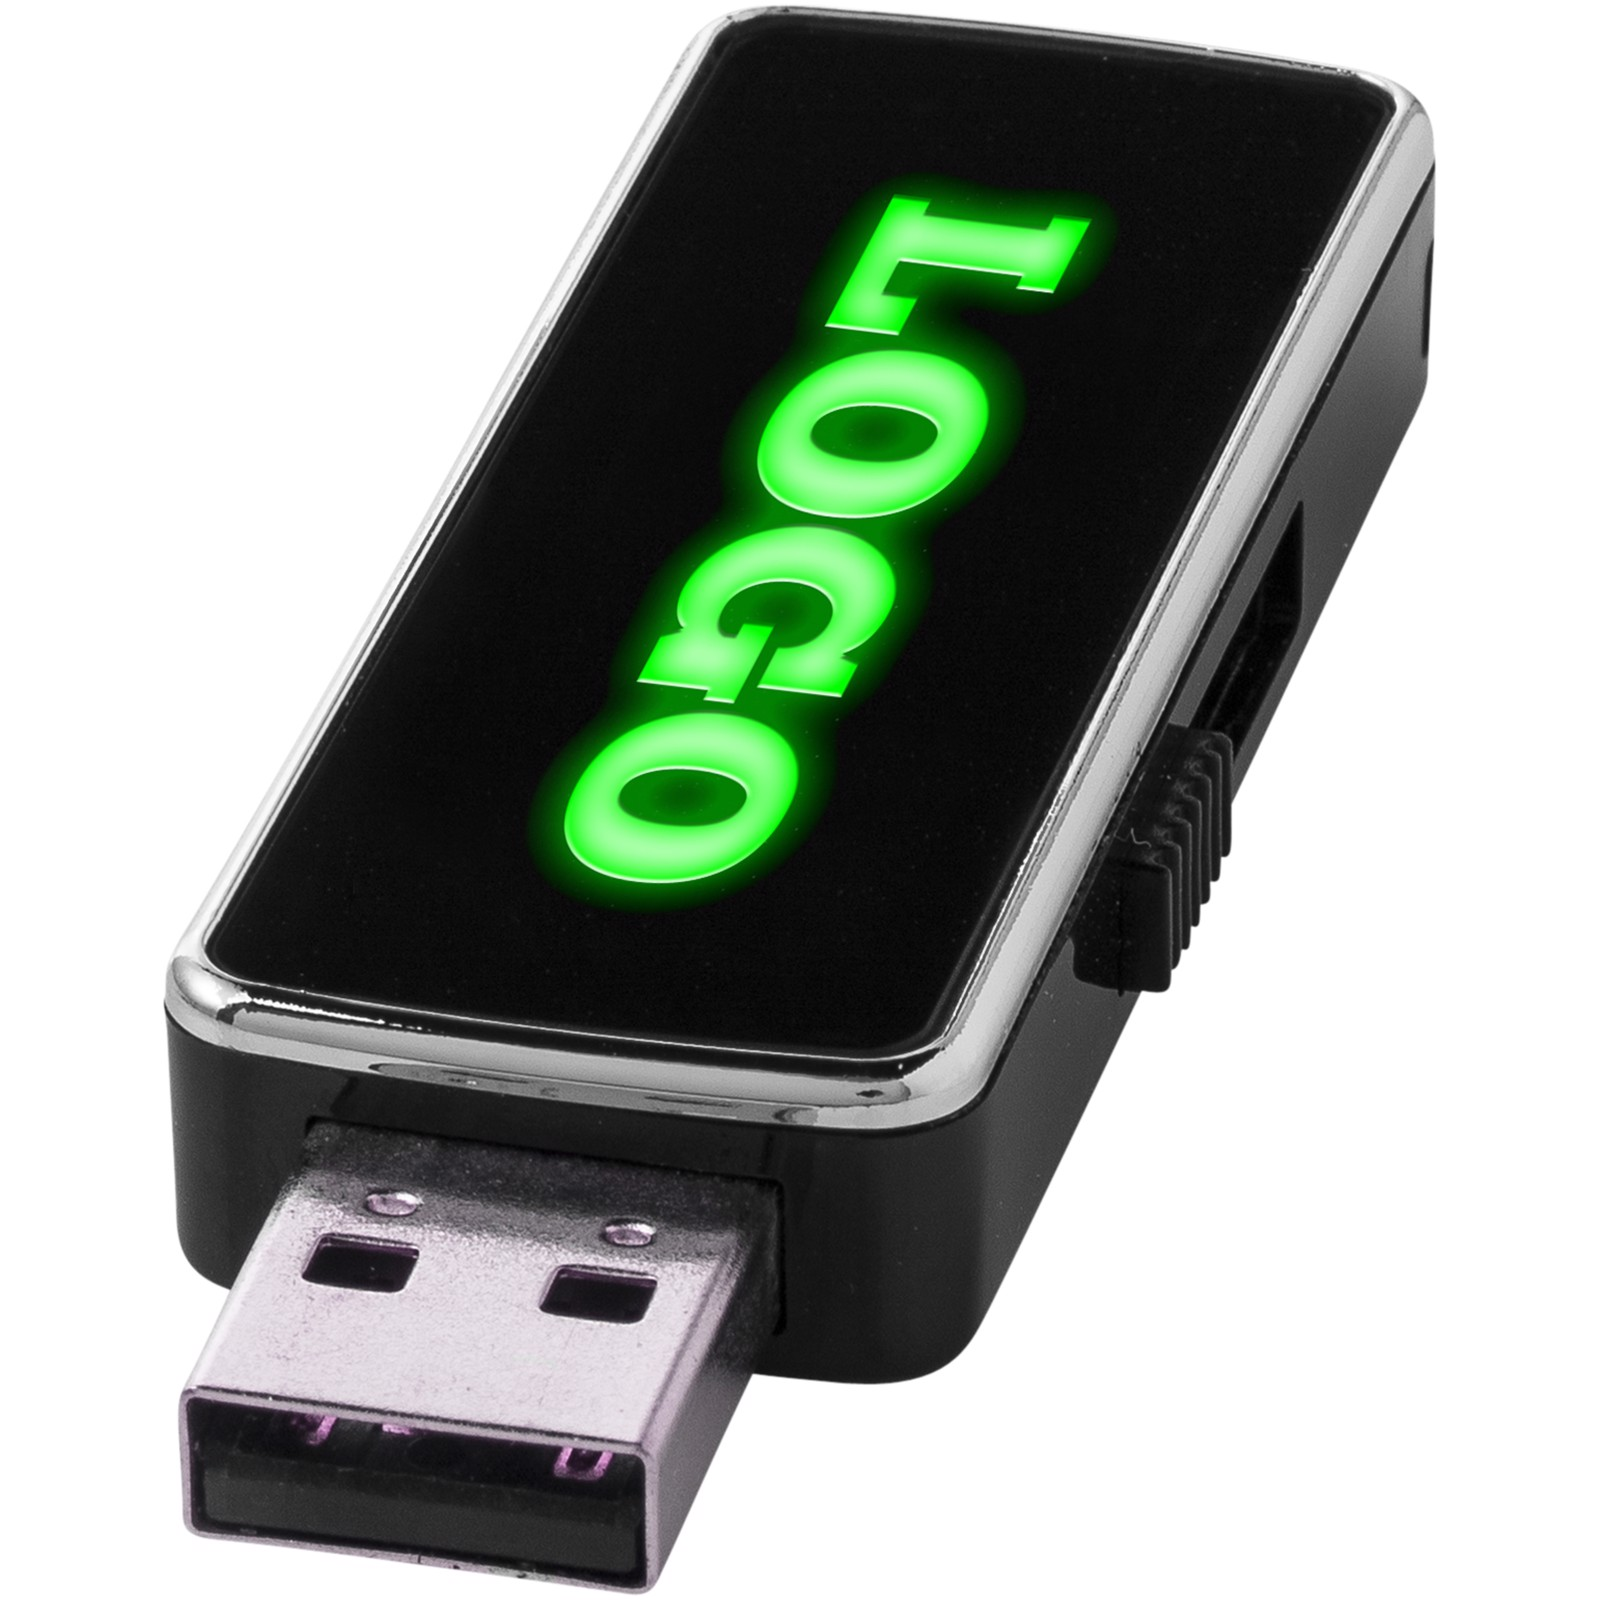 Light Up USB stick - Solid black / Green / 16GB